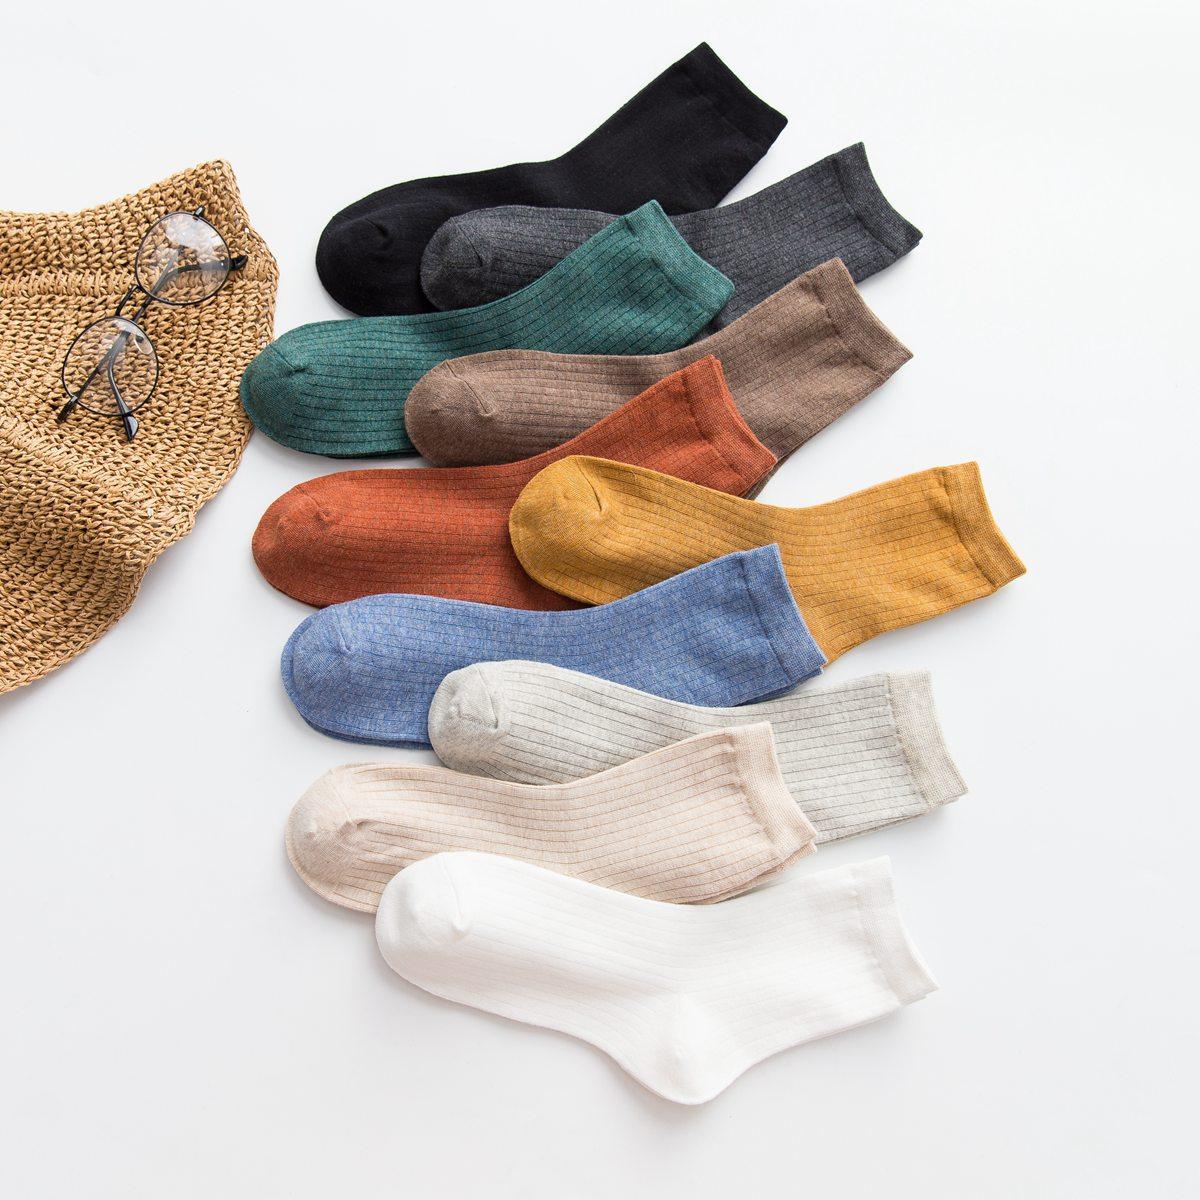 Baumwolle weibliche rohr socken reine farbe marke nadel Japanischen weiblichen socken baumwolle hersteller socken großhandel eine generation